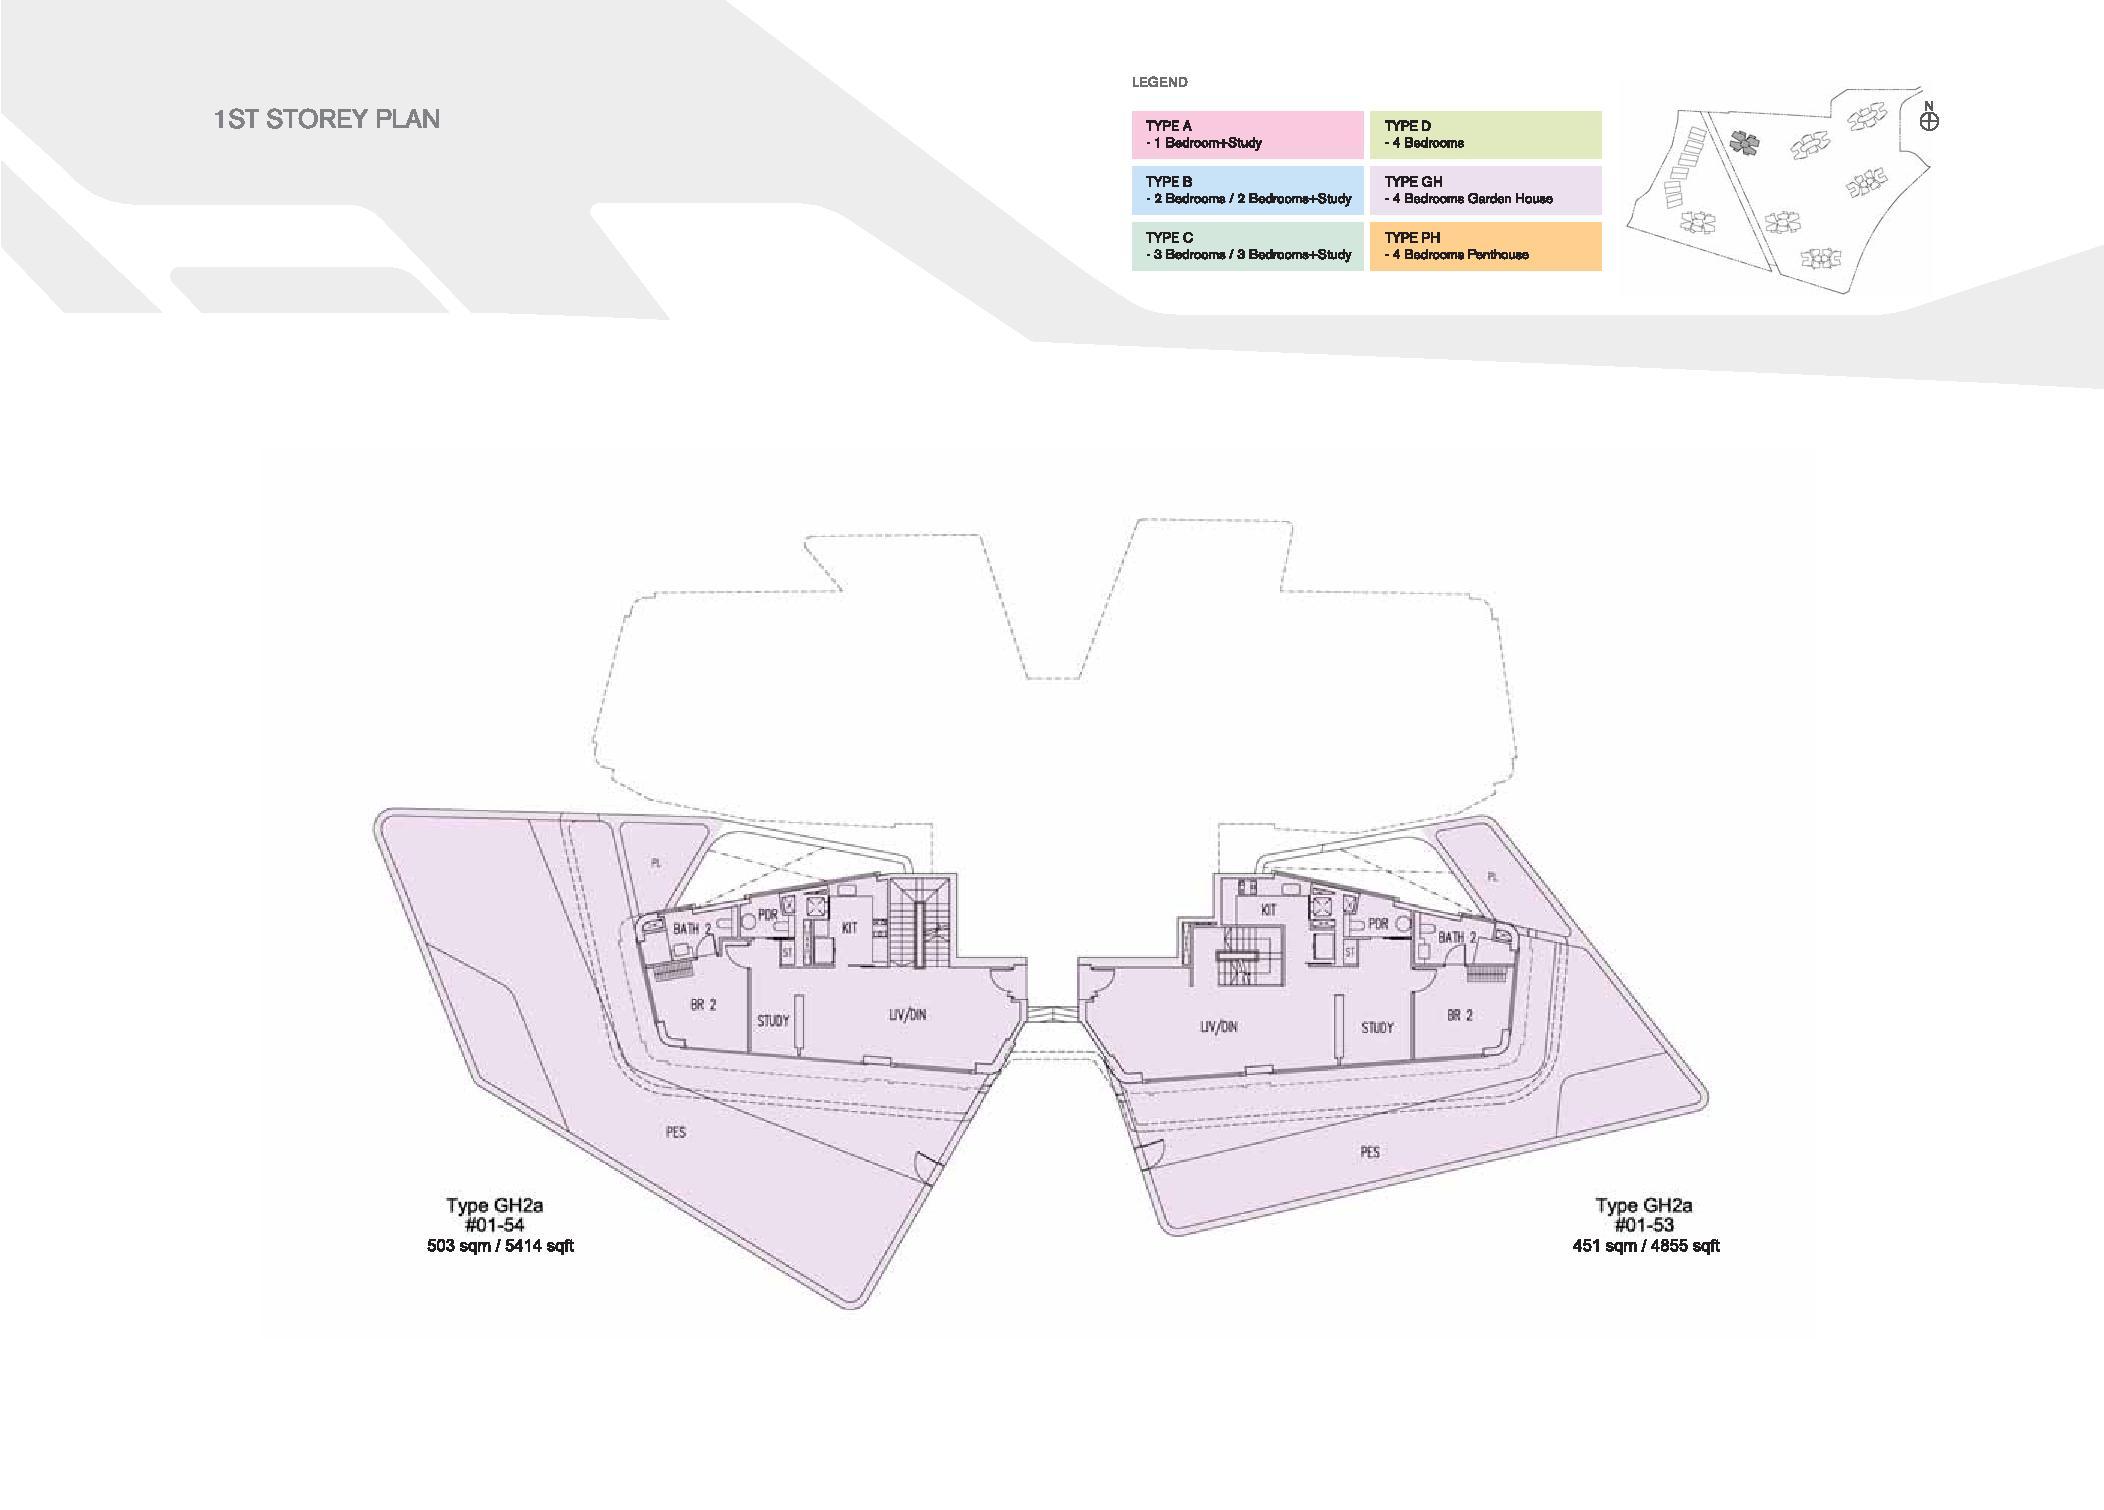 D'Leedon Block 15 1st Storey Floor Plans